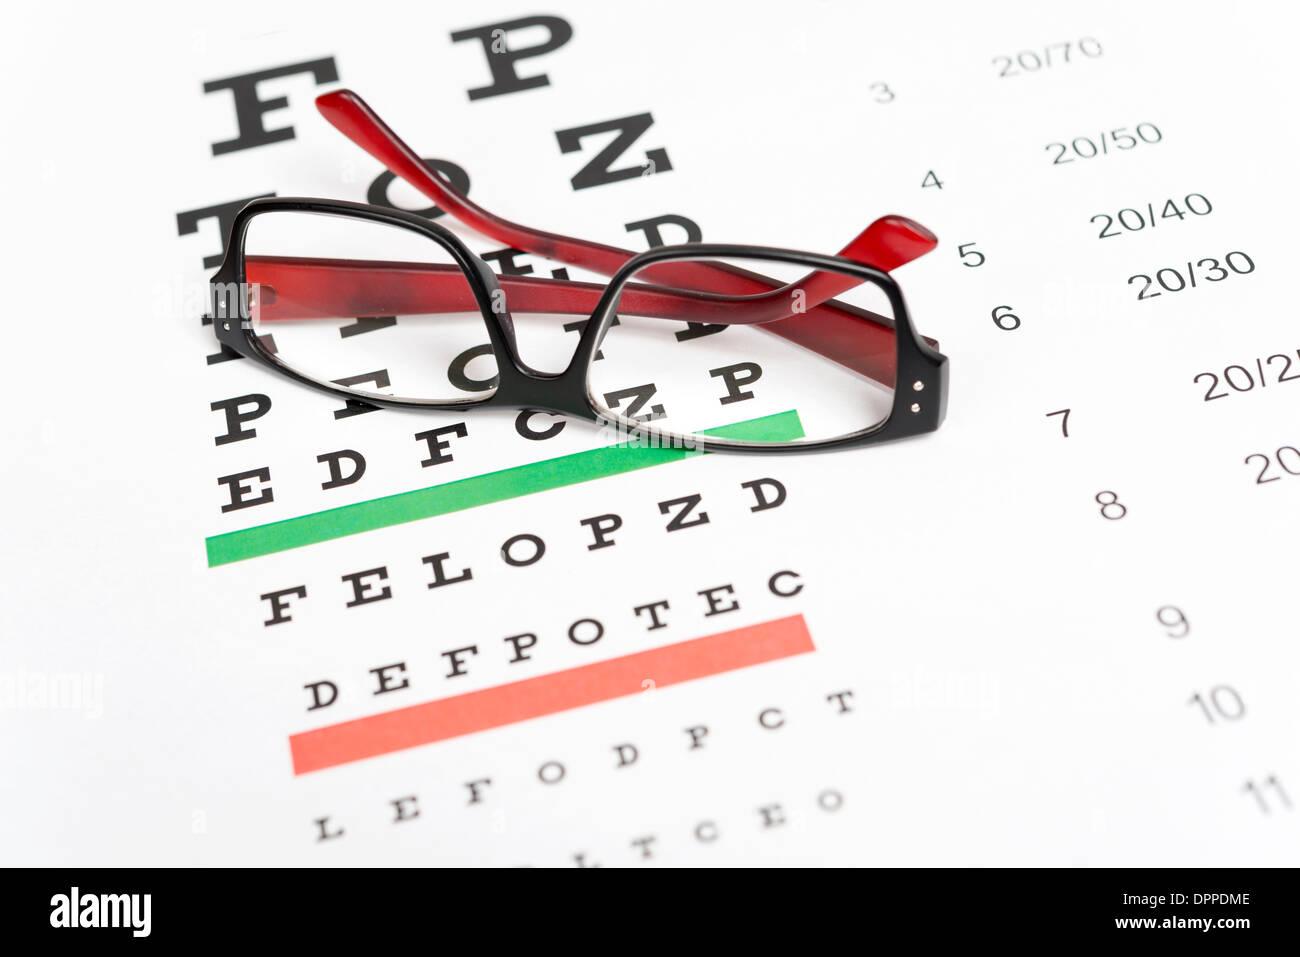 Eyeglasses on the eye chart background stock photo royalty free eyeglasses on the eye chart background nvjuhfo Choice Image